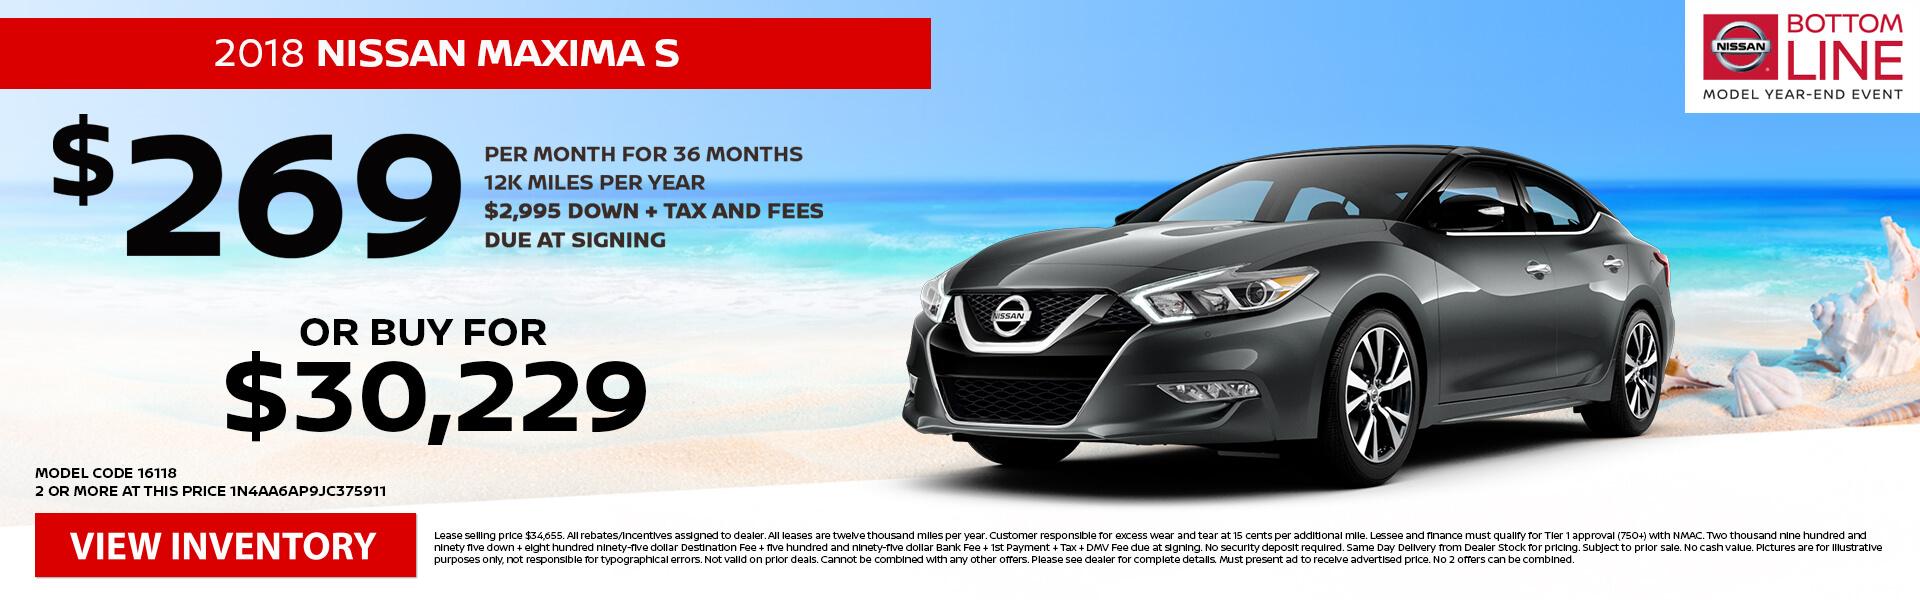 Nissan Maxima $269 Lease